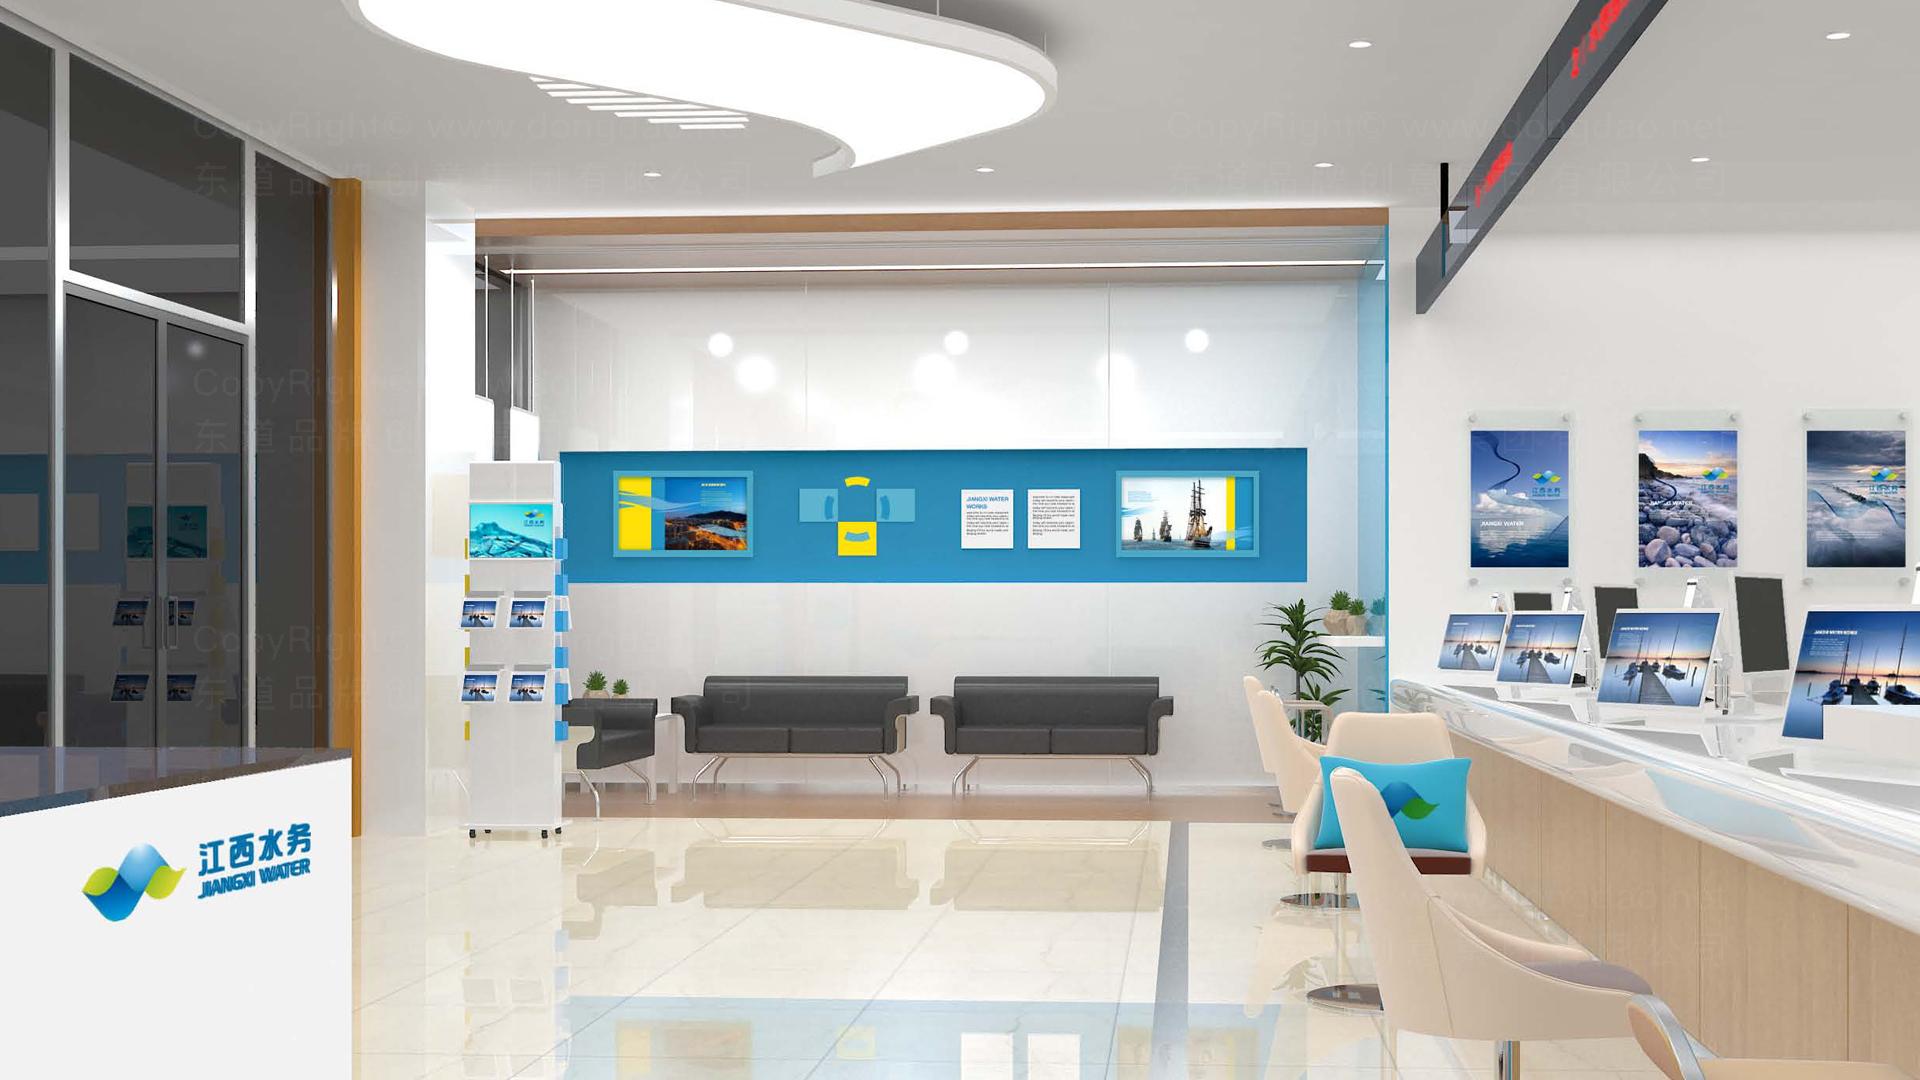 能源材料商业空间&导示江西水务SI设计